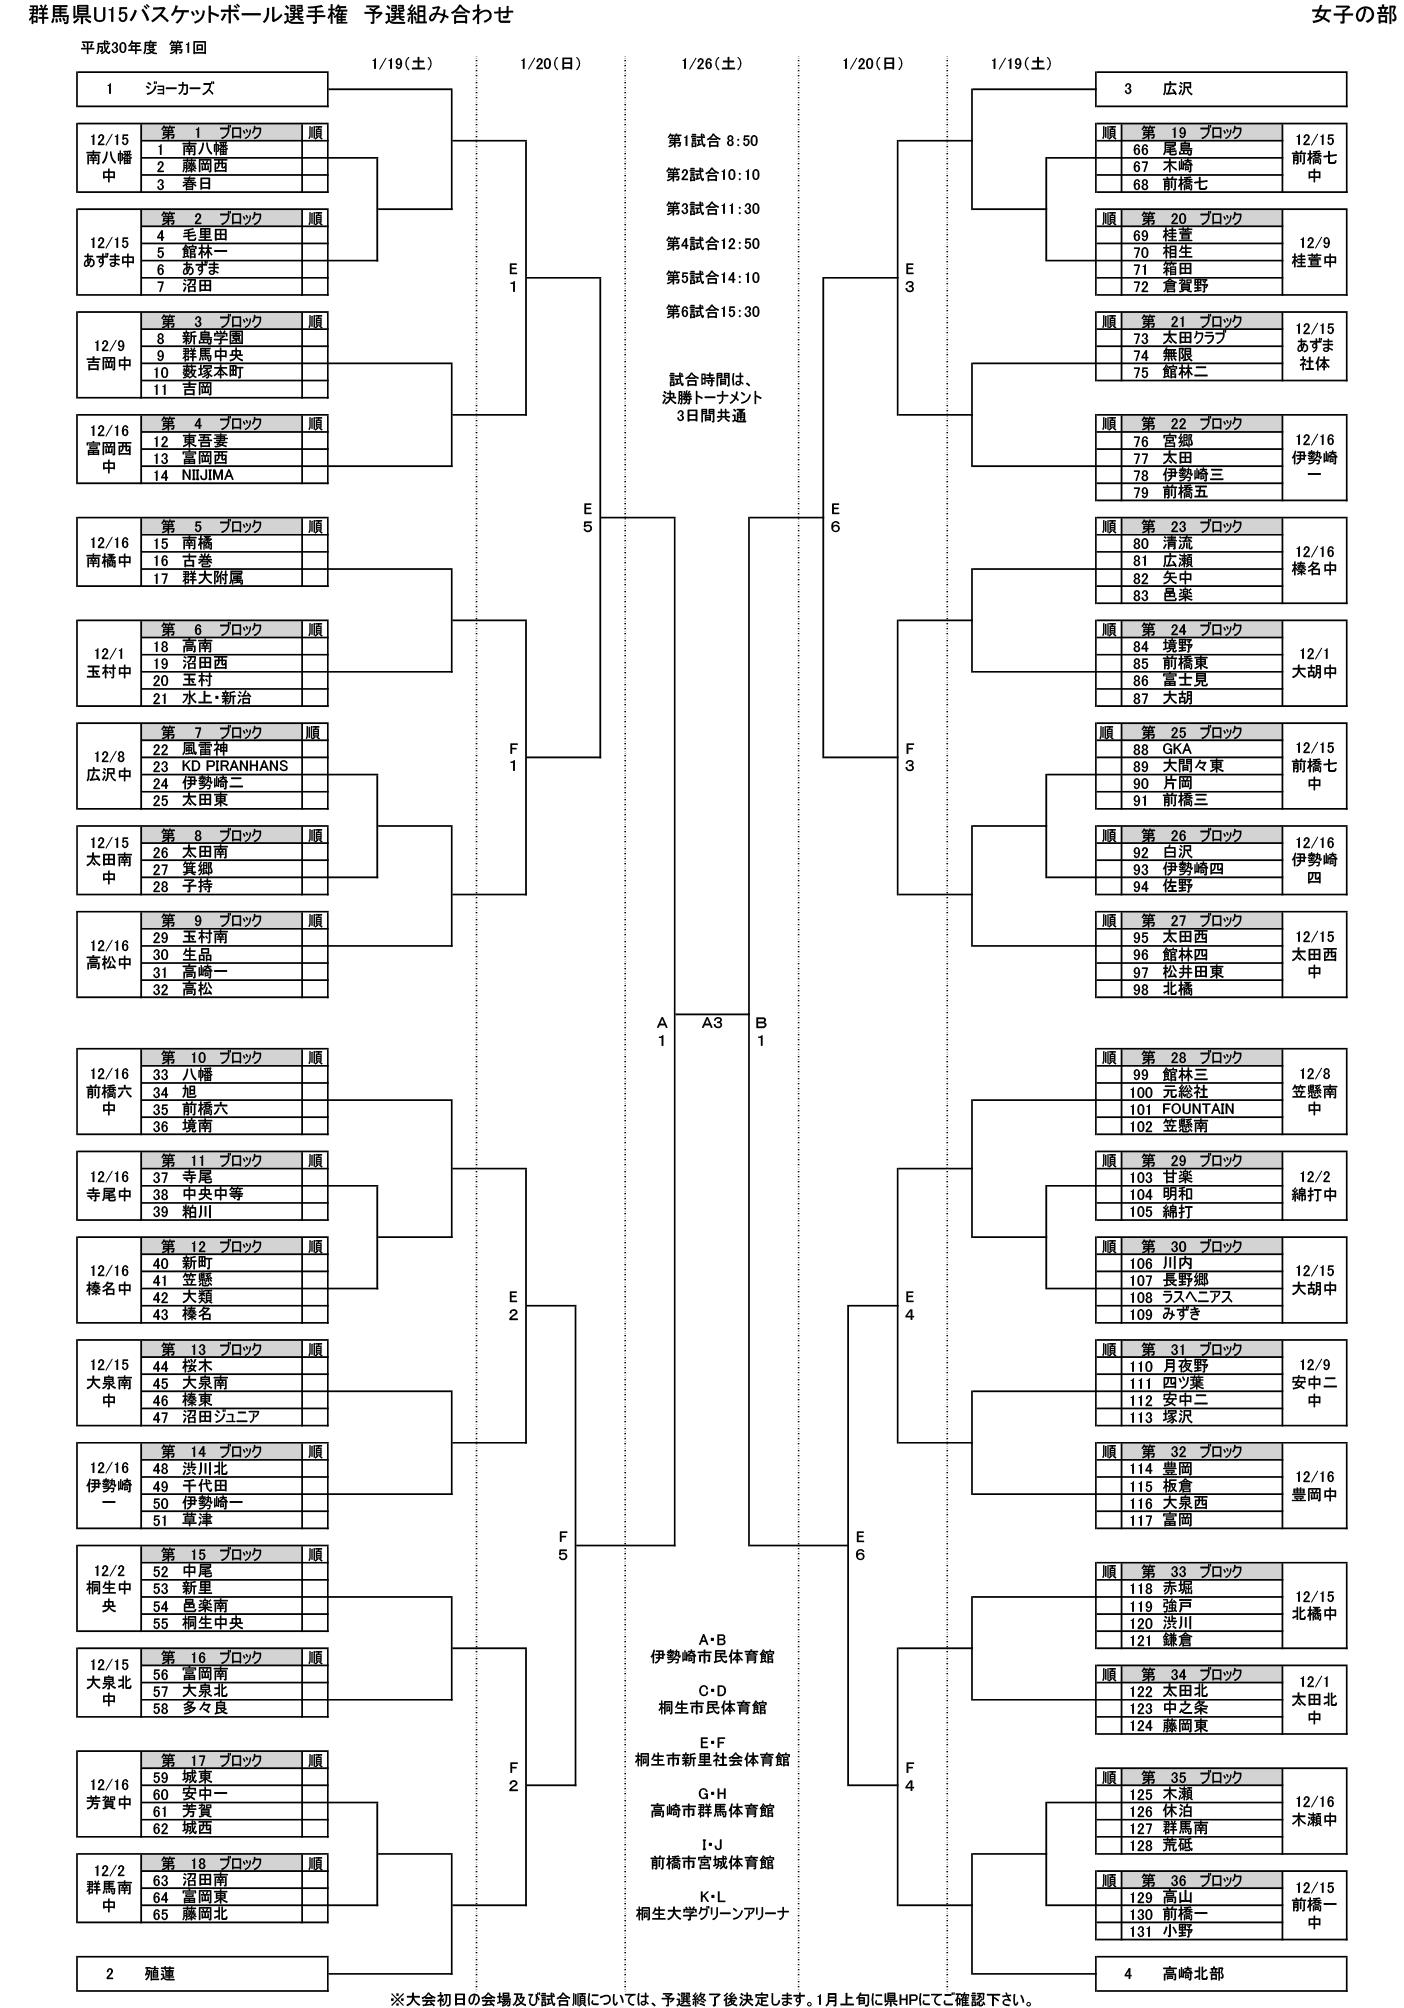 2018 第1回 群馬県U15選手権大会 - ブロック予選 女子 組み合わせ